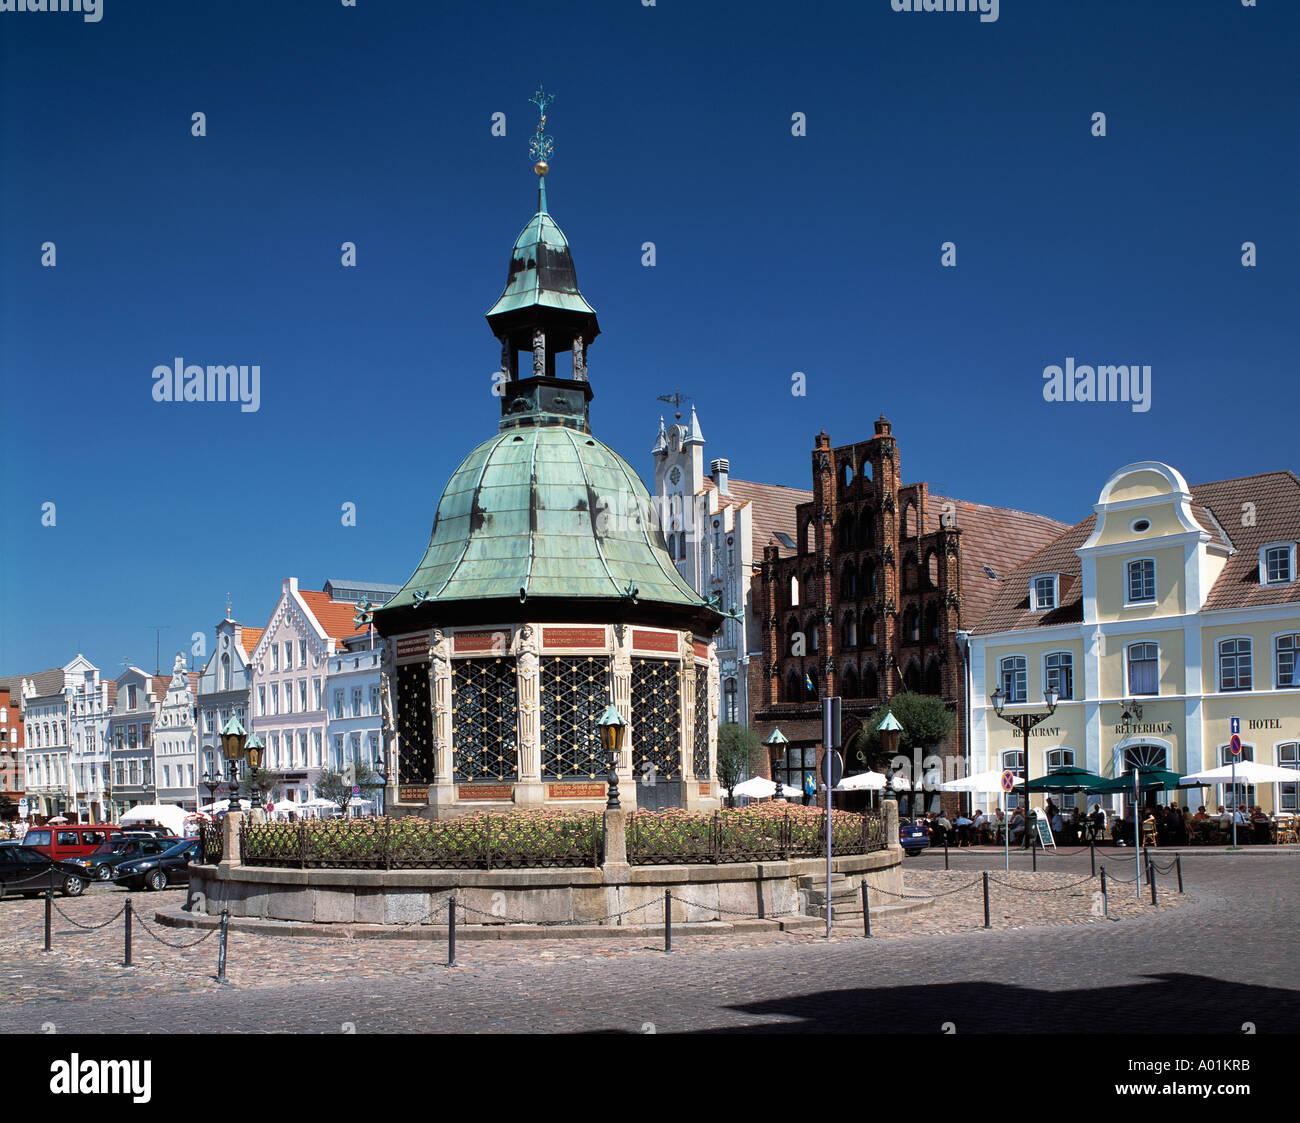 Marktplatz mit dem Pavillon Wasserkunst, Buergerhaeuser, Backsteinhaus 'Alter Schwede', Backsteingotik, Wismar, Ostsee, Mecklenburg-Vorpommern - Stock Image